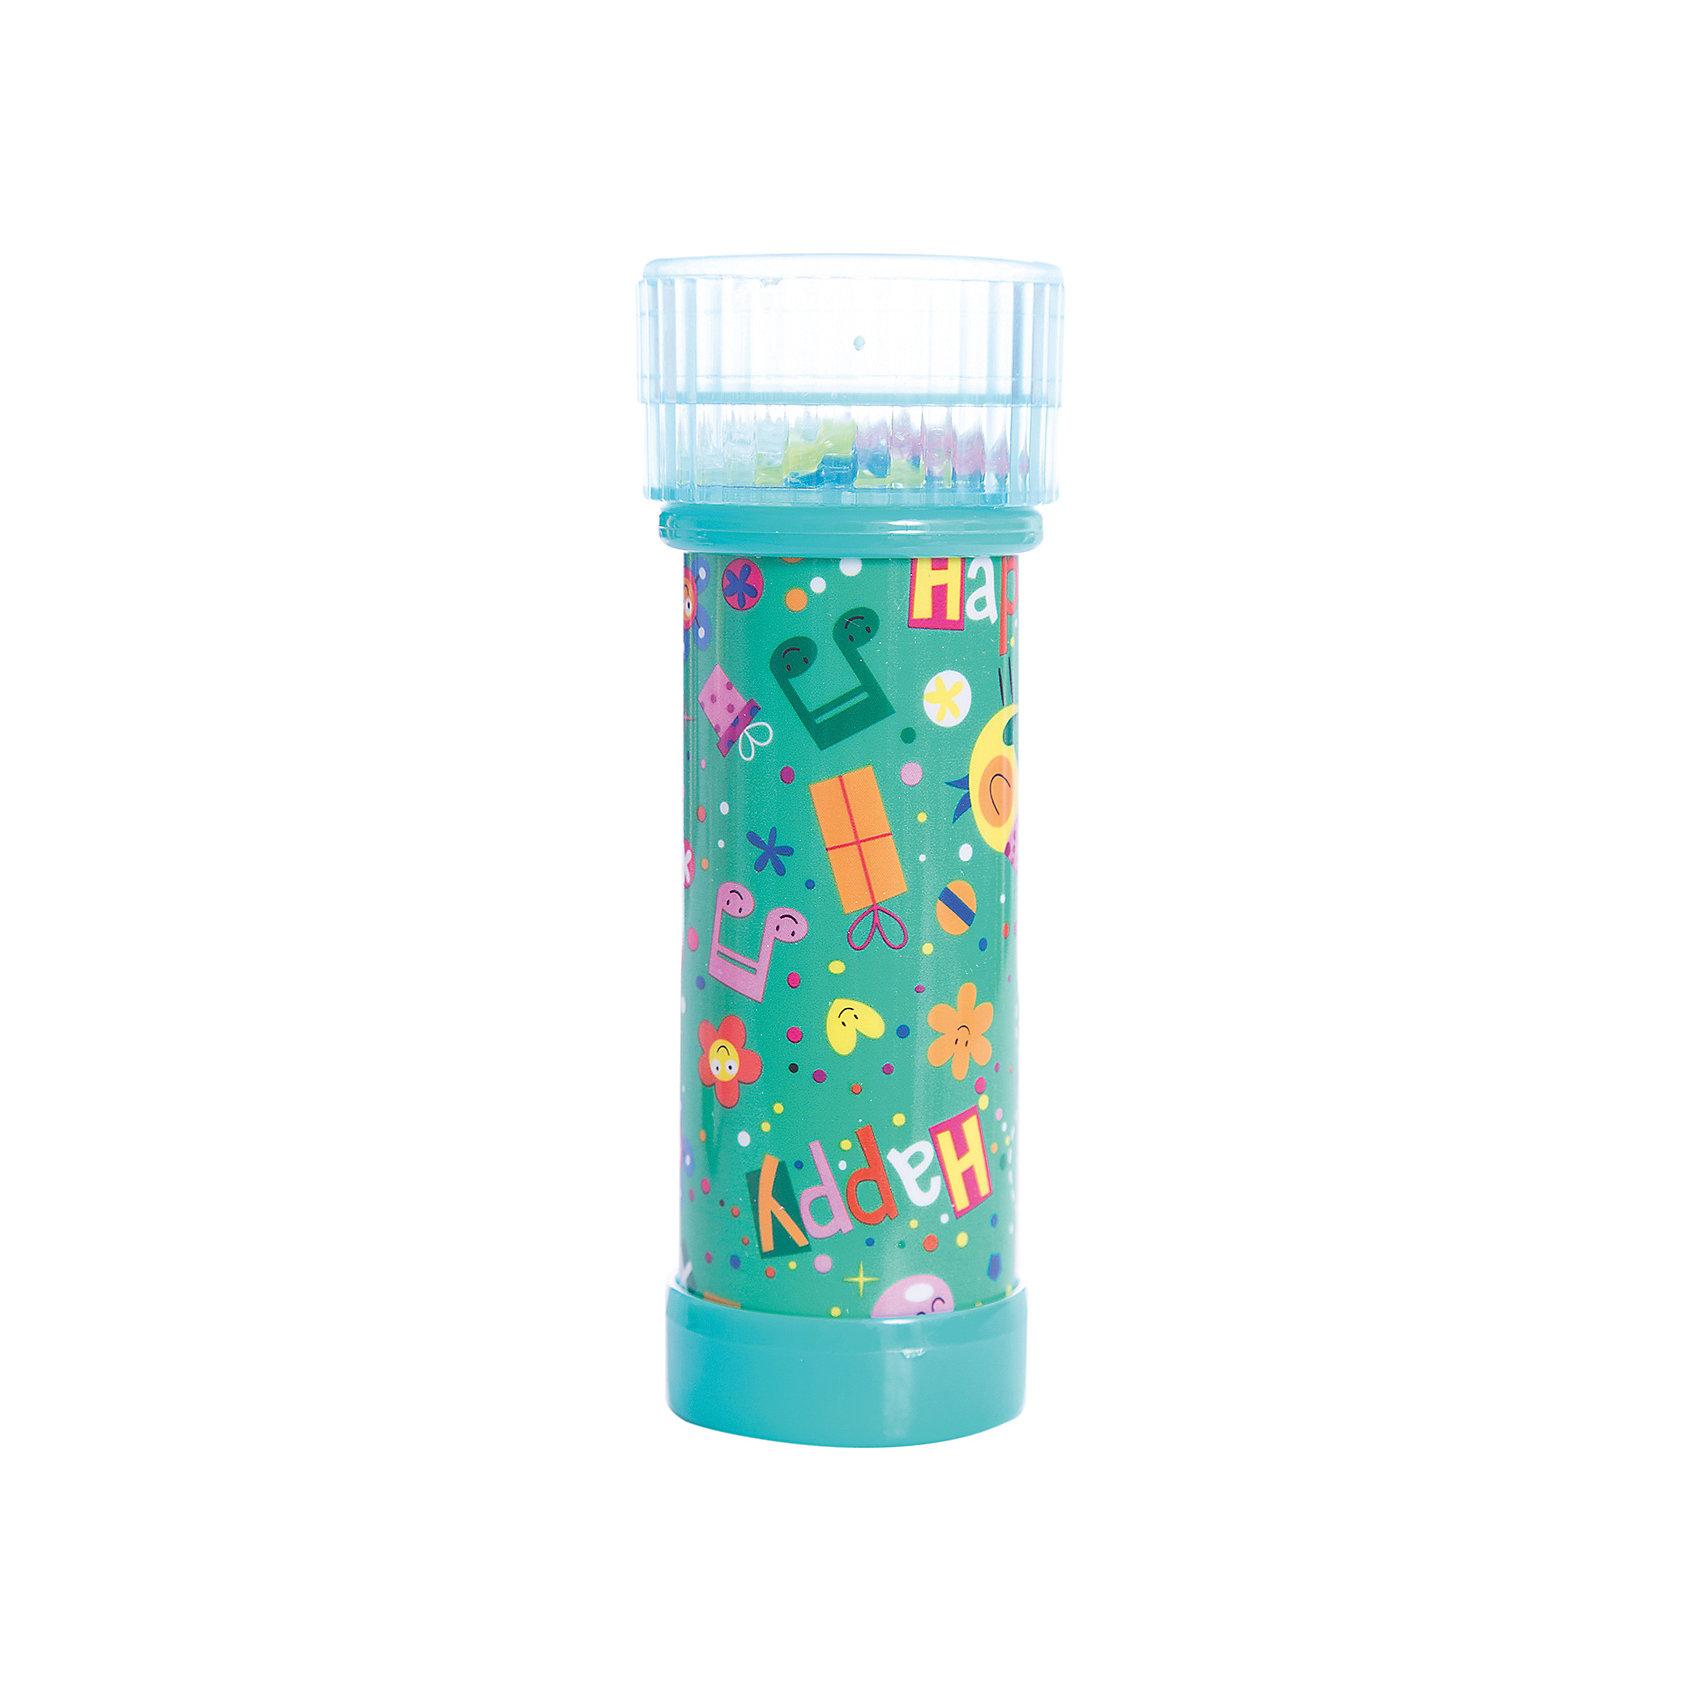 Калейдоскоп, KriblyBooИгрушки-антистресс<br>Калейдоскоп, KriblyBoo (Крибли Бу).<br><br>Характеристики:<br><br>• несколько ярких узоров<br>• материал: пластик<br>• размер упаковки: 5,5х5,5х13,5 см<br>• вес: 200 грамм<br><br>Калейдоскоп - игрушка, полюбившаяся не одному поколению детей. Мелкие предметы, находящиеся внутри игрушки, создадут иллюзию красочных узоров. Калейдоскоп - прекрасный подарок для любознательных детей!<br><br>Калейдоскоп, KriblyBoo (Крибли Бу) вы можете купить в нашем интернет-магазине.<br><br>Ширина мм: 135<br>Глубина мм: 55<br>Высота мм: 55<br>Вес г: 200<br>Возраст от месяцев: 36<br>Возраст до месяцев: 120<br>Пол: Женский<br>Возраст: Детский<br>SKU: 5017661